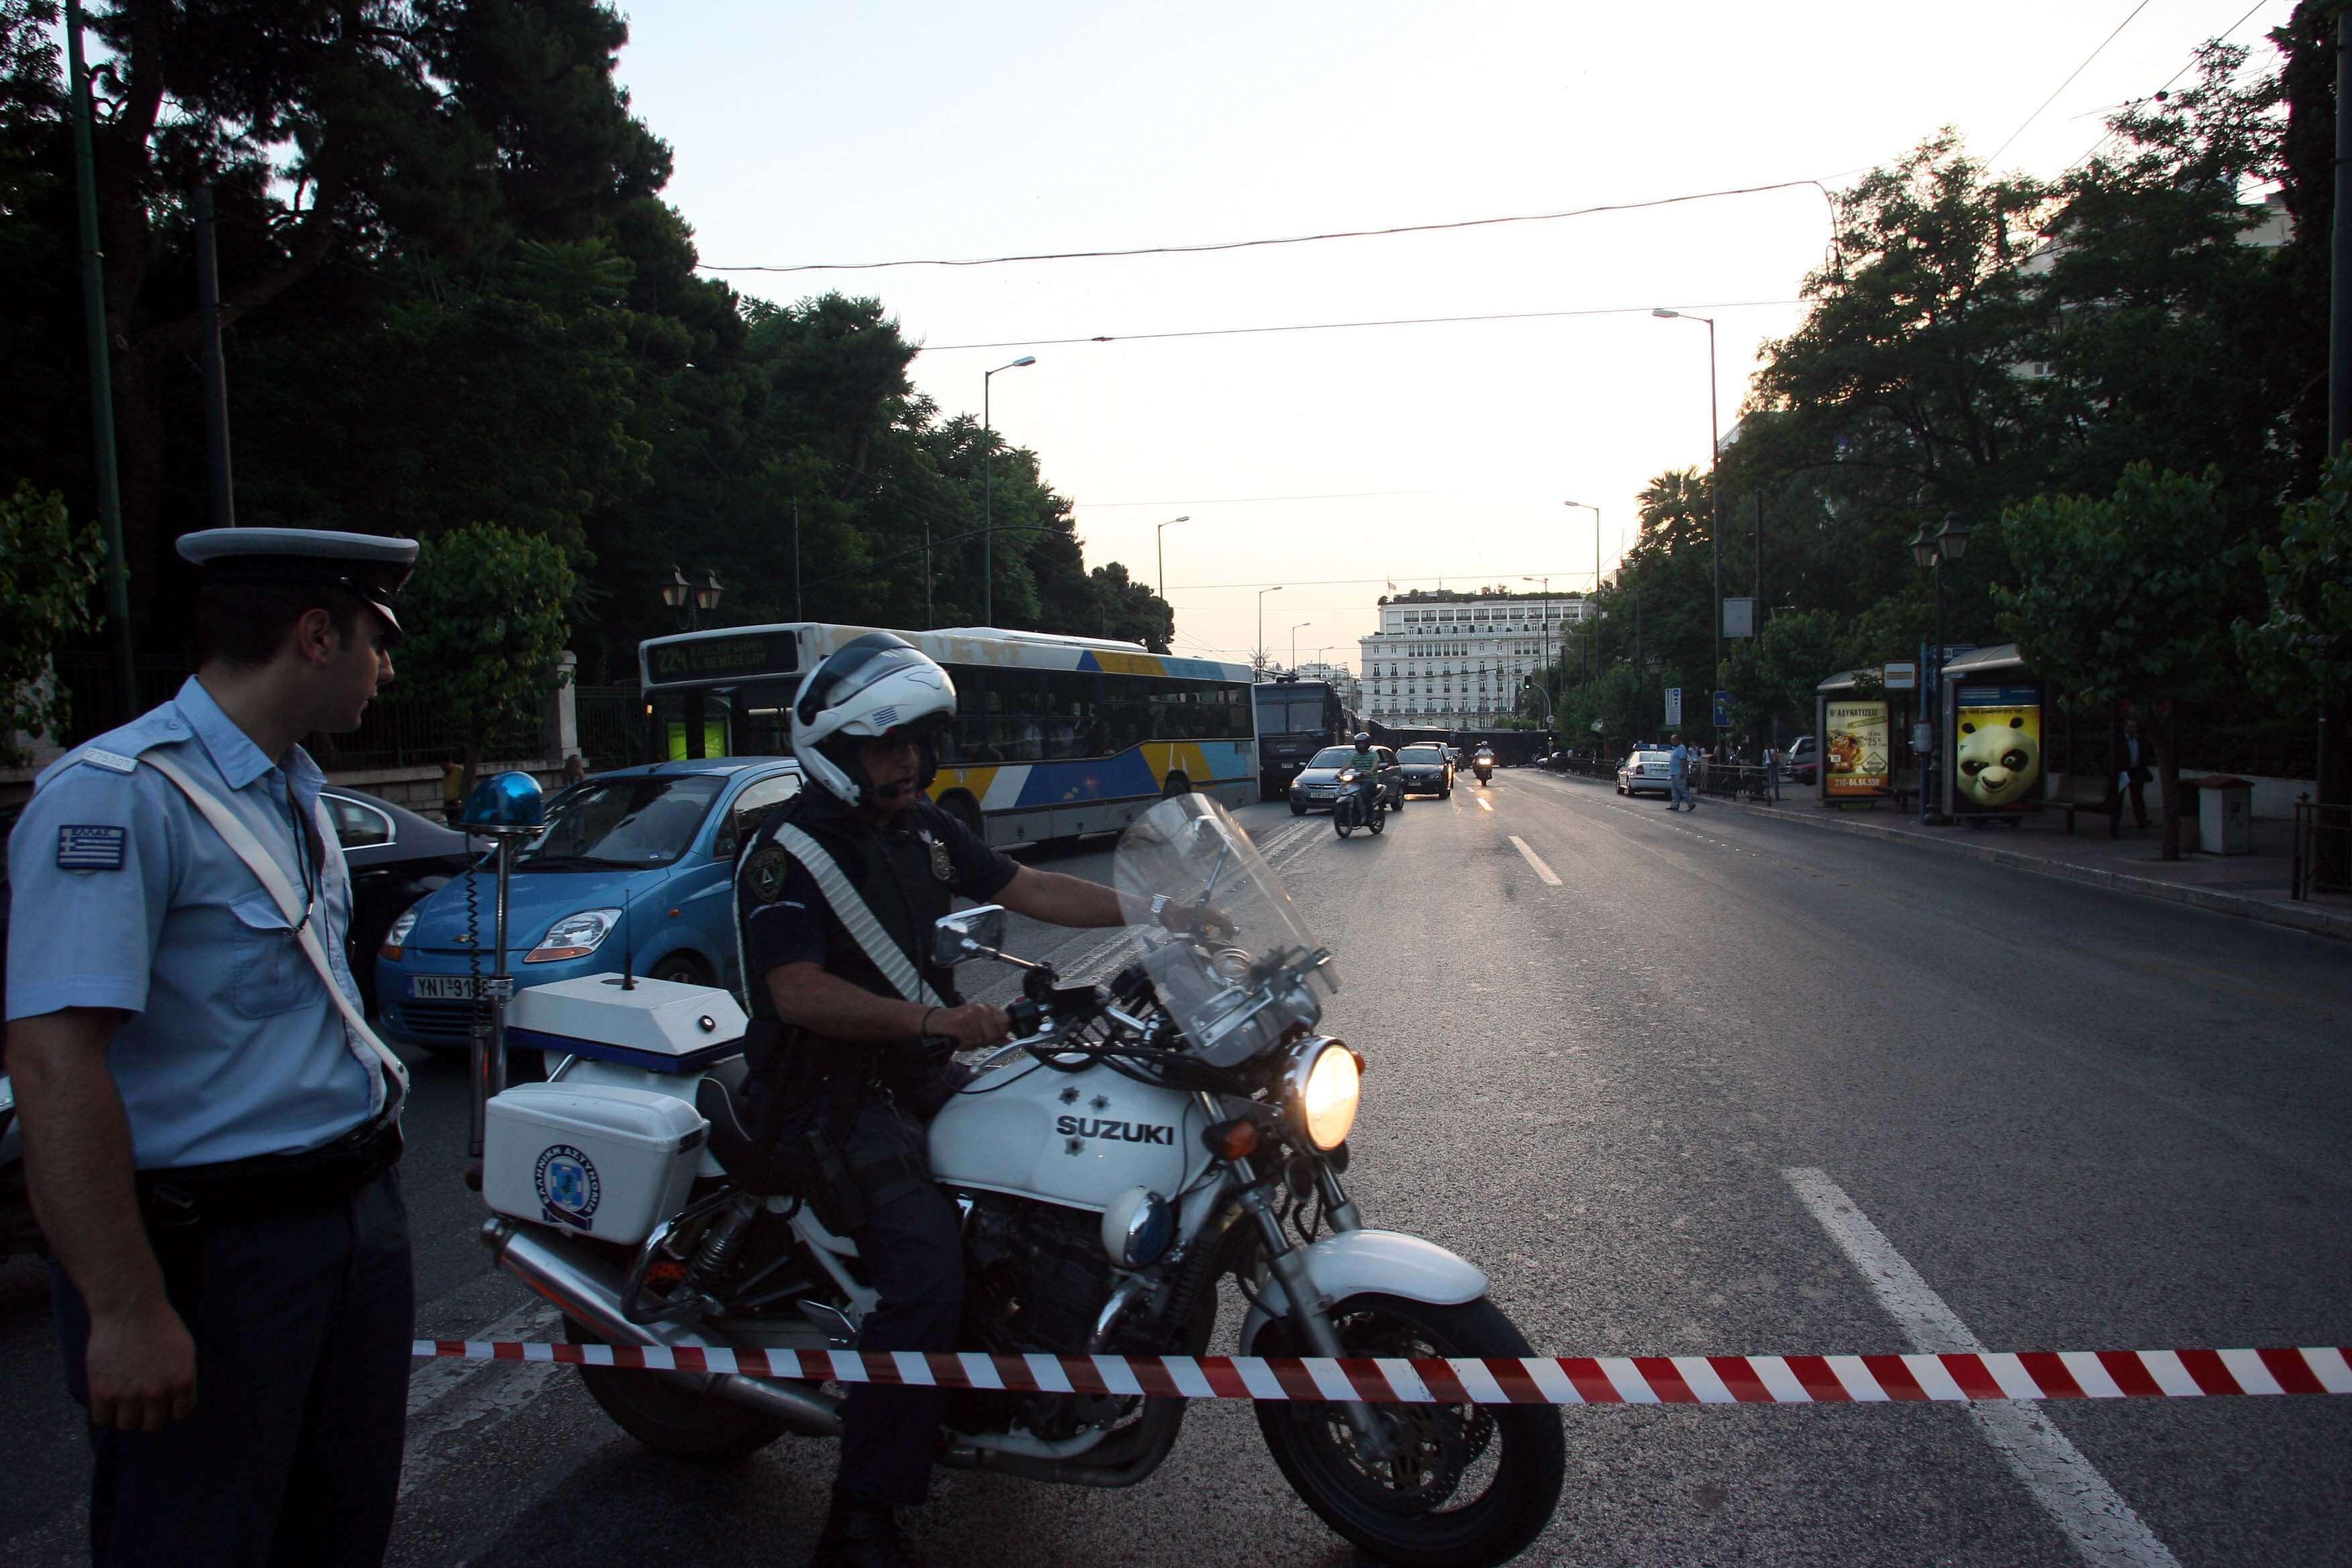 Κλείνουν δρόμοι στην Αθήνα την Κυριακή λόγω… γυρισμάτων